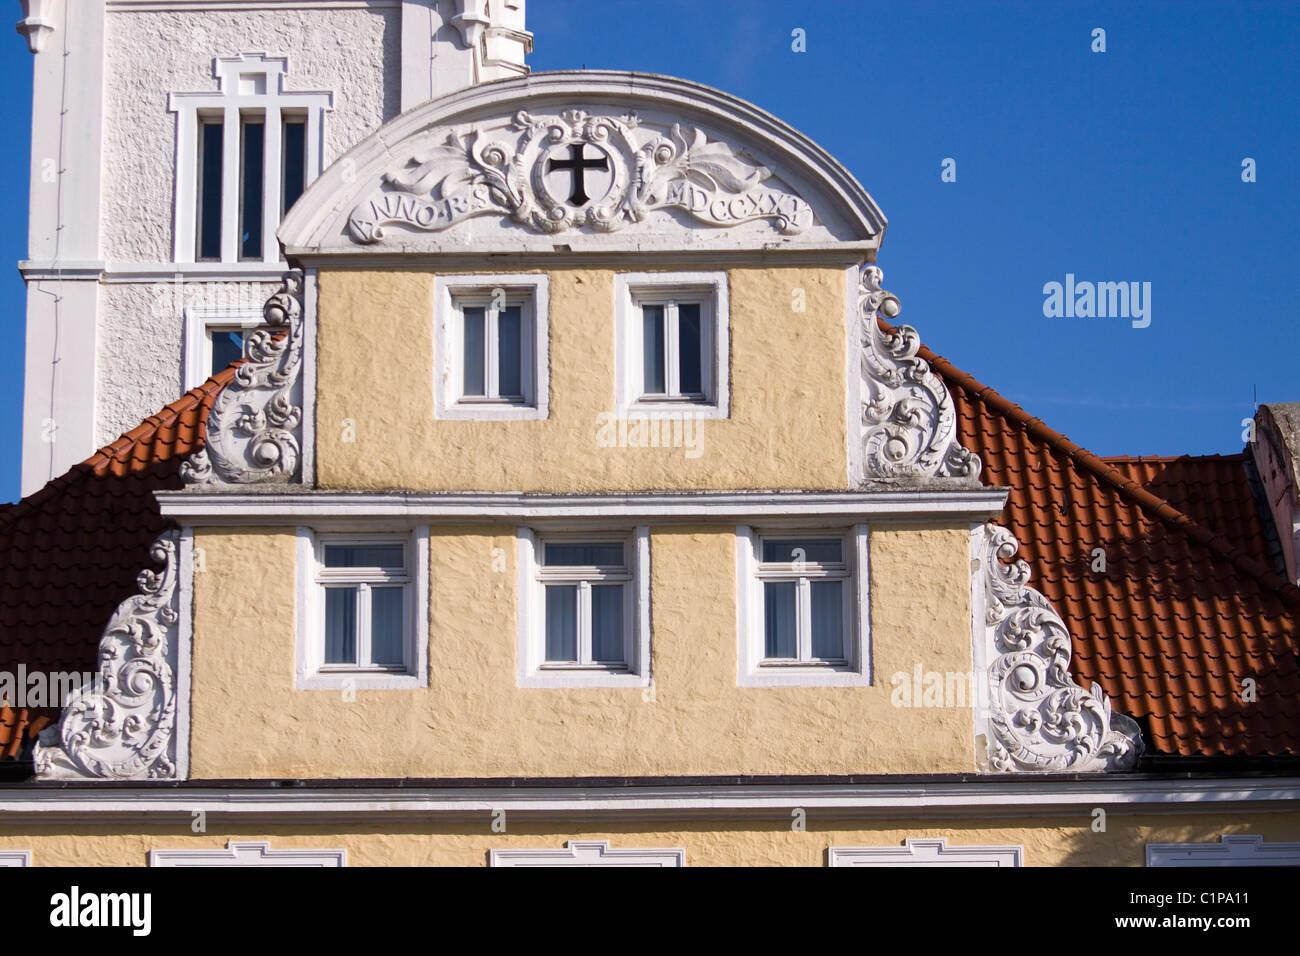 Deutschland, Verden eine der Aller, Rathaus, reich verzierte Rathaus Fassade Stockbild